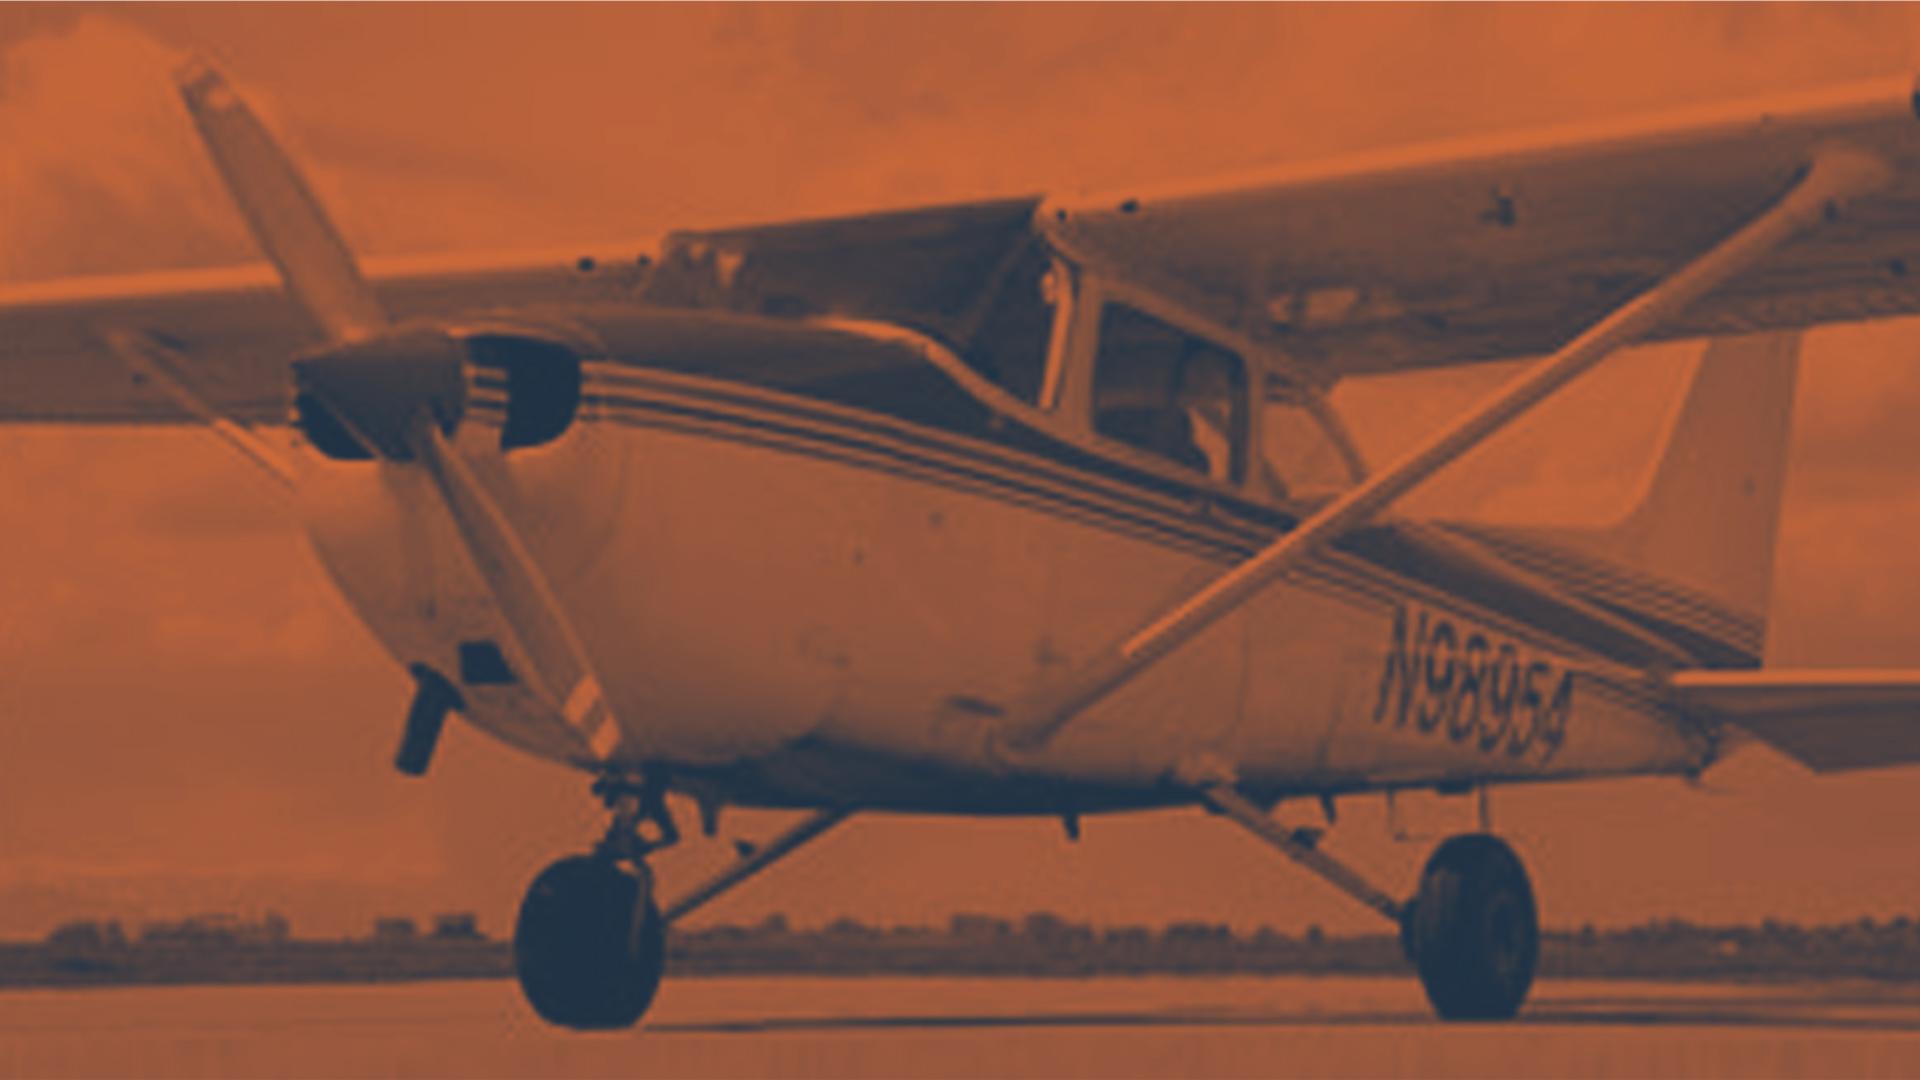 Air-Plane-Web-02